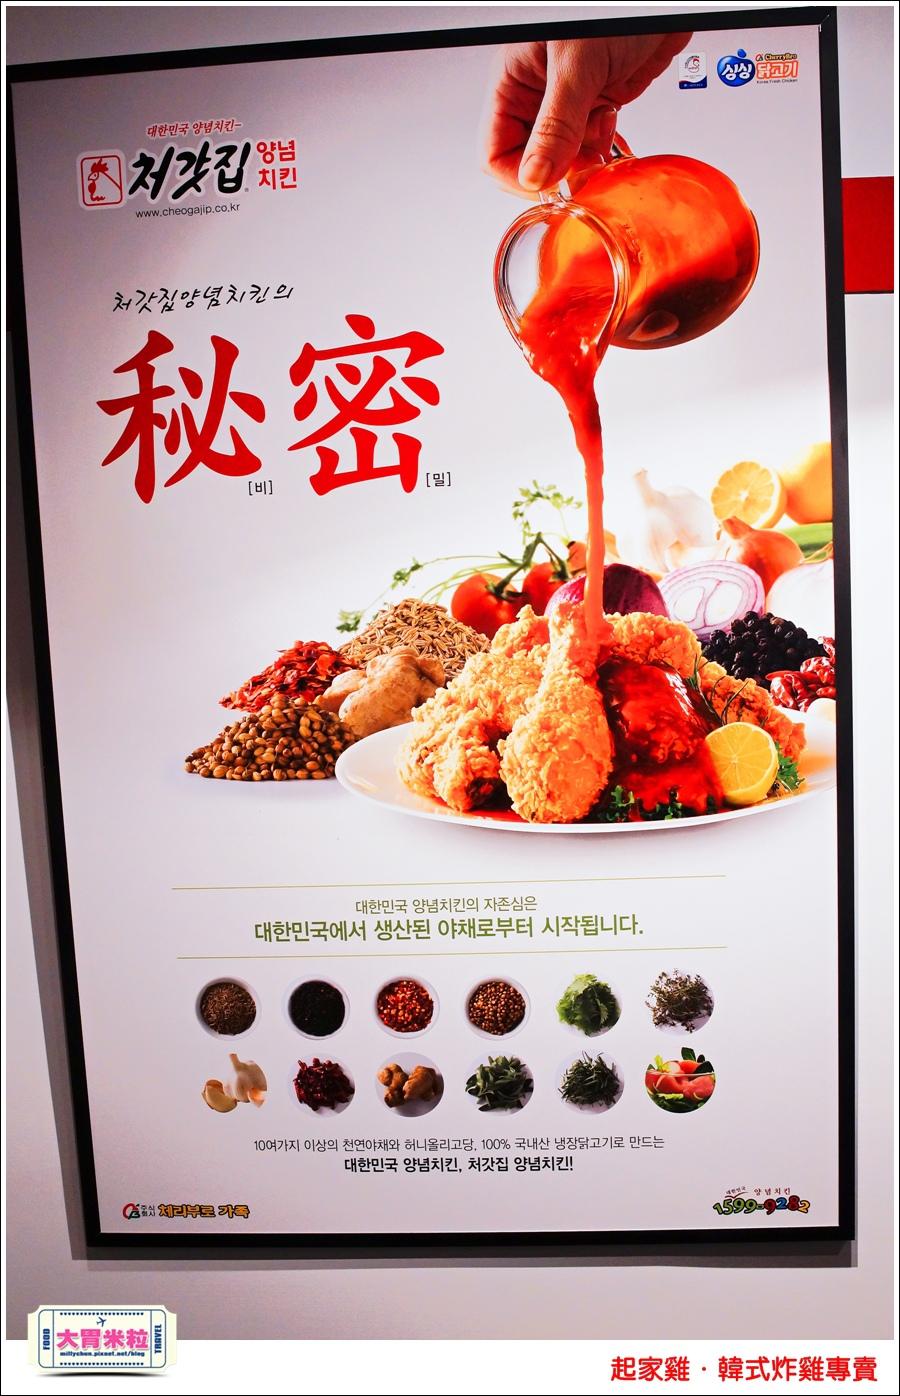 台北韓式炸雞推薦@起家雞Cheogajip哇樂炸雞@大胃米粒0017.jpg